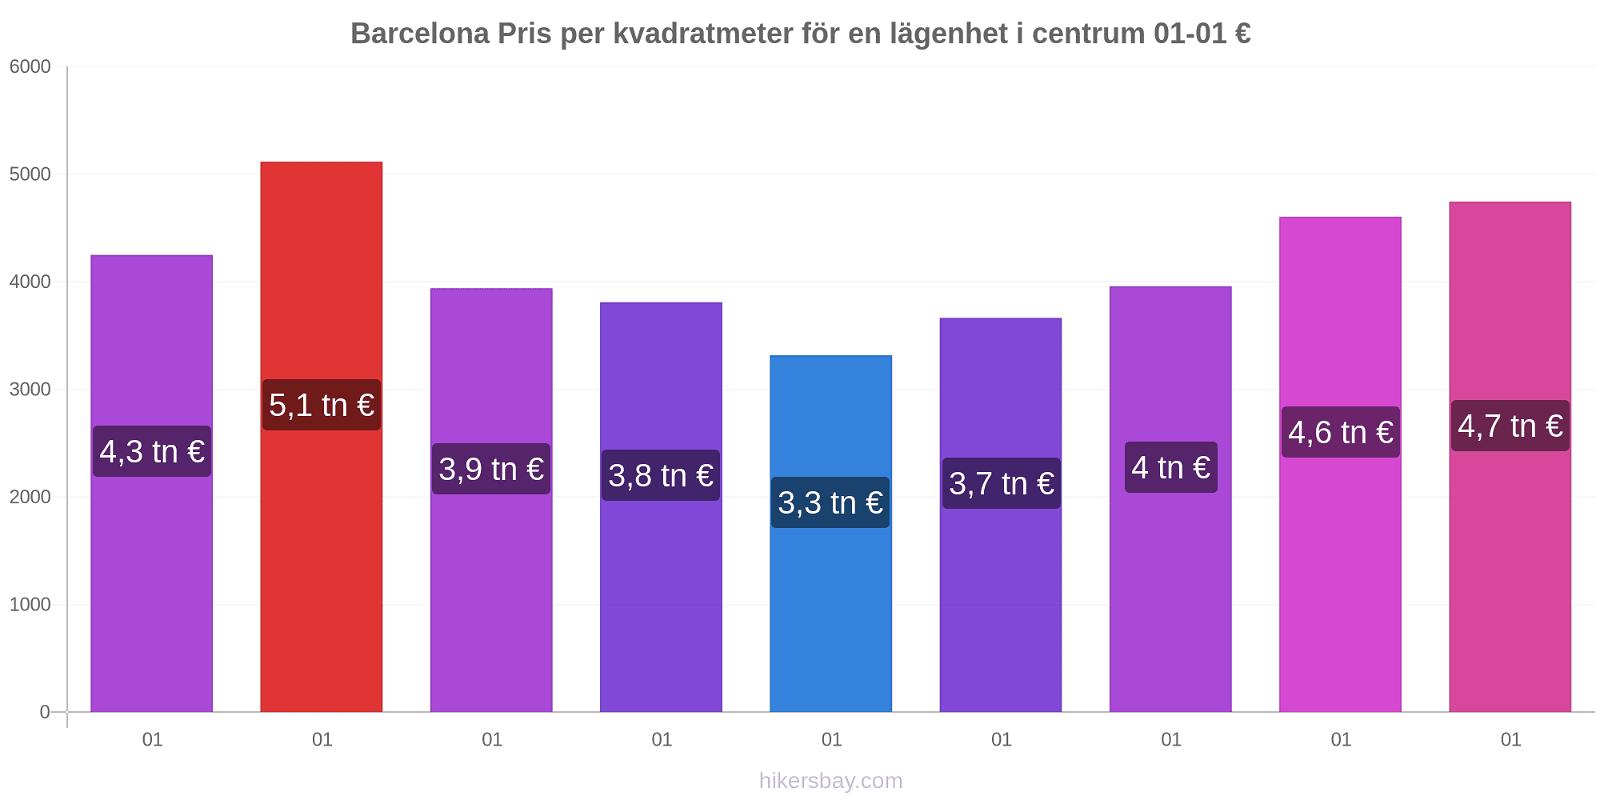 Barcelona prisförändringar Pris per kvadratmeter för en lägenhet i centrum hikersbay.com